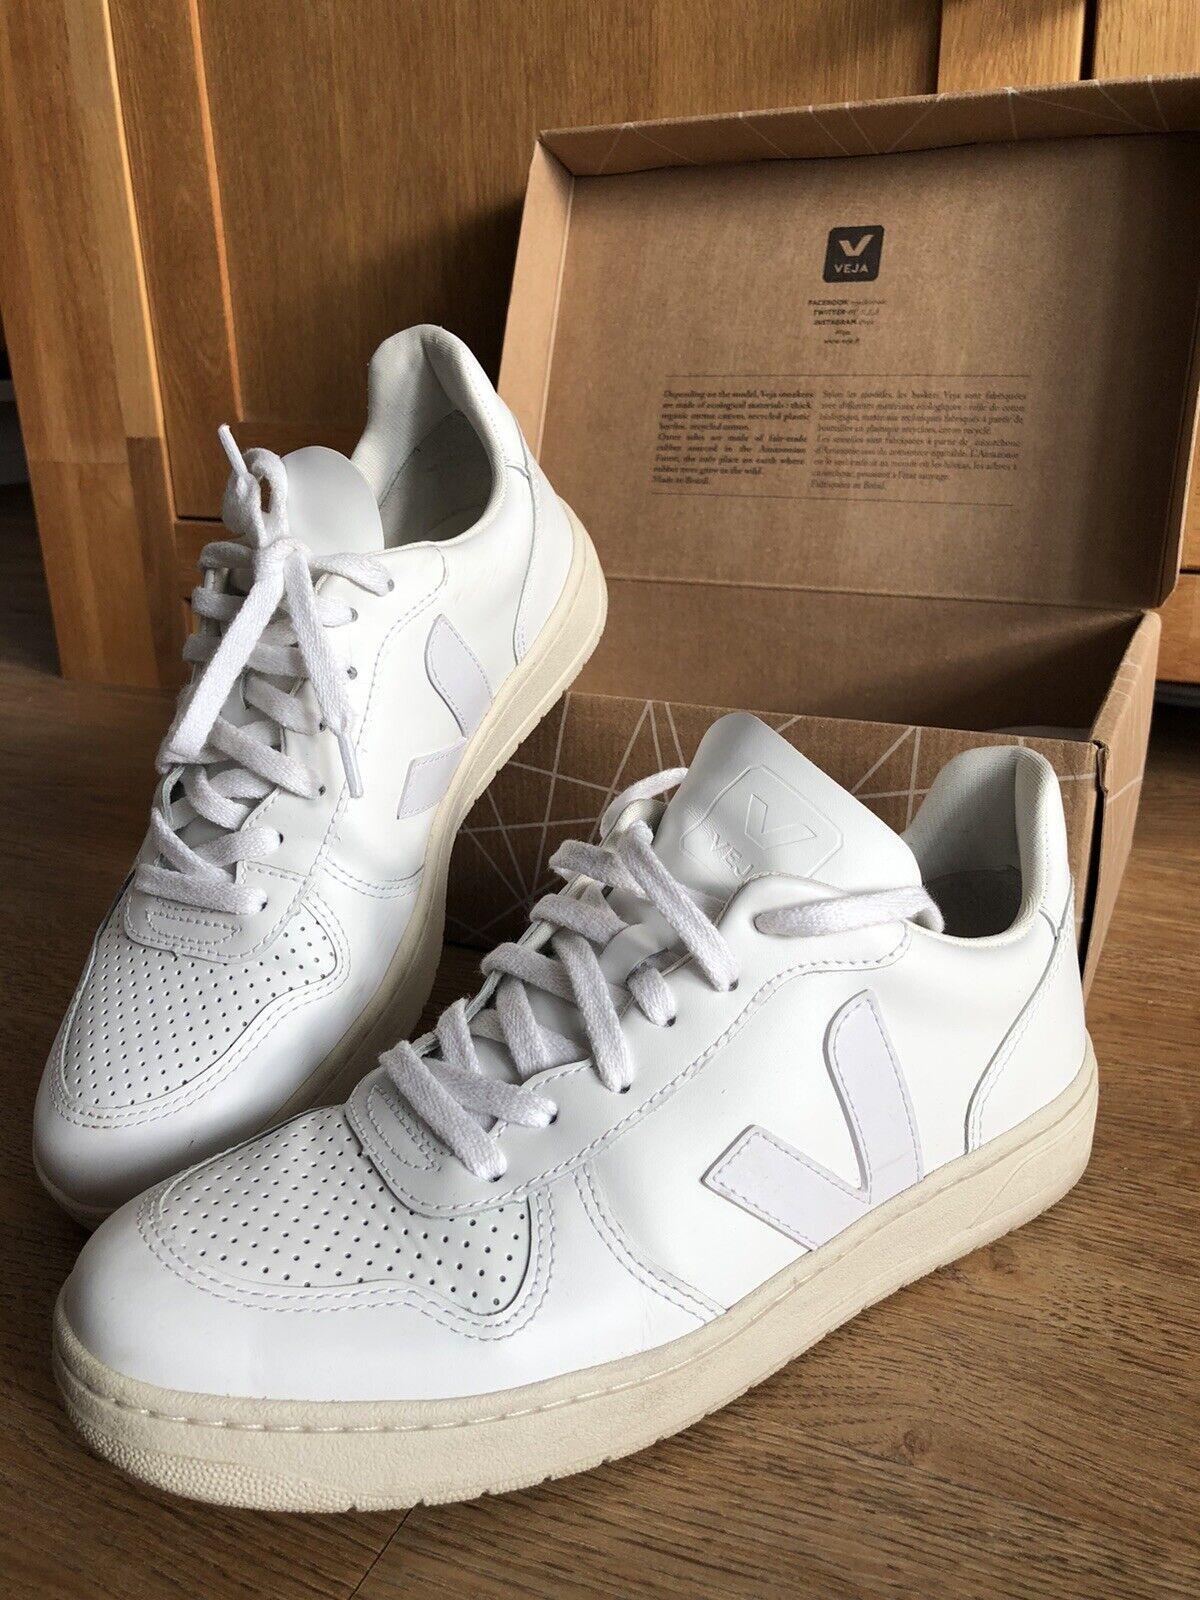 VEJA /  V10 Leather Extra White / EUR 40 / Sneaker / Turnschuhe